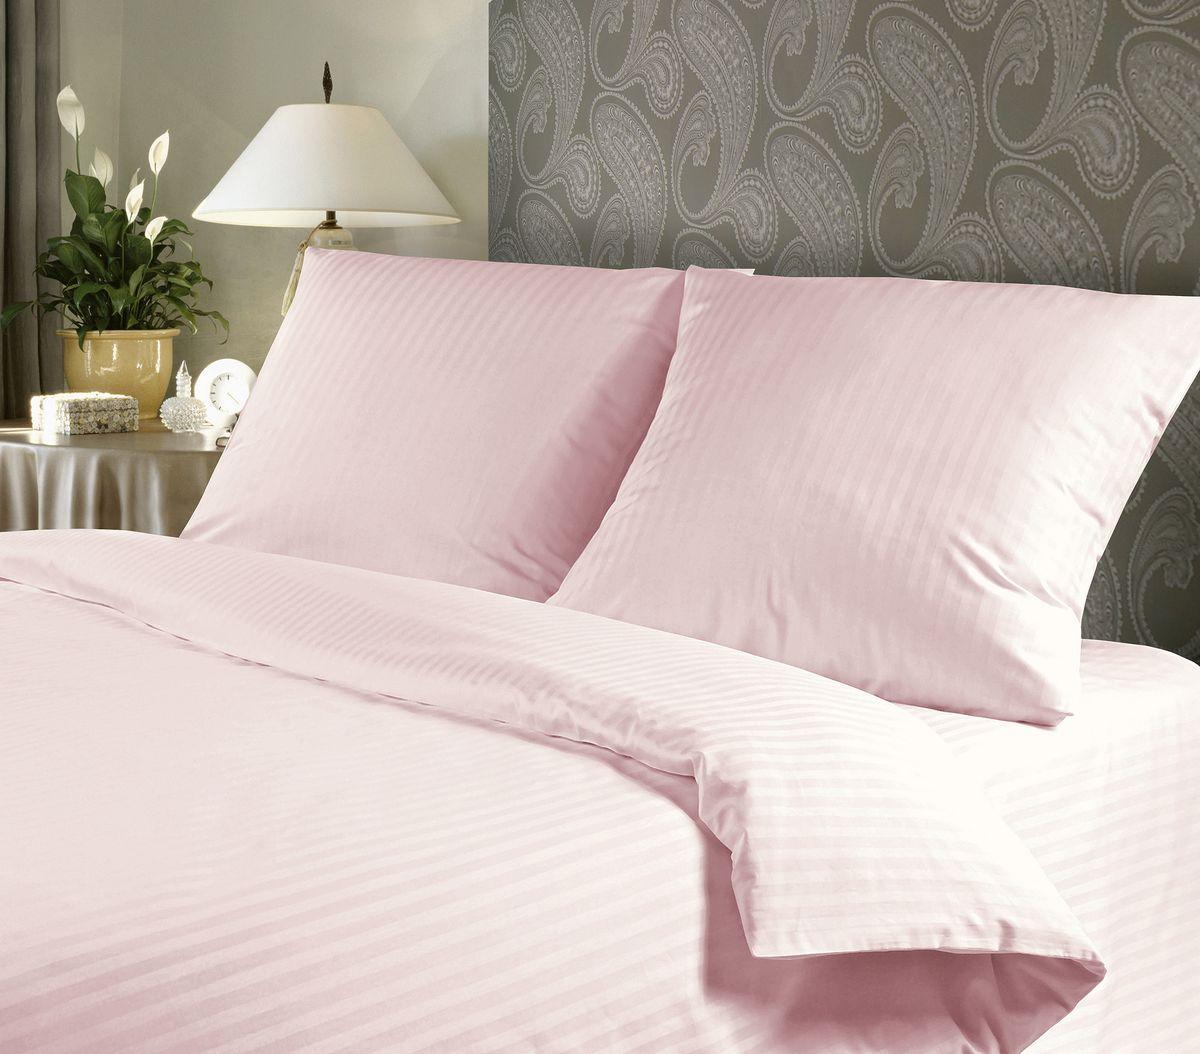 Комплект белья Verossa, семейный, наволочки 50х70, 70х70, цвет: розовый391602Сатин - настоящая роскошь для любителей понежиться в постели. Вас манит его блеск, завораживает гладкость, ласкает мягкость, и каждая минута с ним - истинное наслаждение.Тонкая пряжа и атласное переплетение нитей обеспечивают сатину мягкость и деликатность.Легкий блеск сатина делает дизайны живыми и переливающимися.100% хлопок, не электризуется и отлично пропускает воздух, ткань дышит.Легко стирается и практически не требует глажения.Не линяет, не изменяет вид после многочисленных стирок.